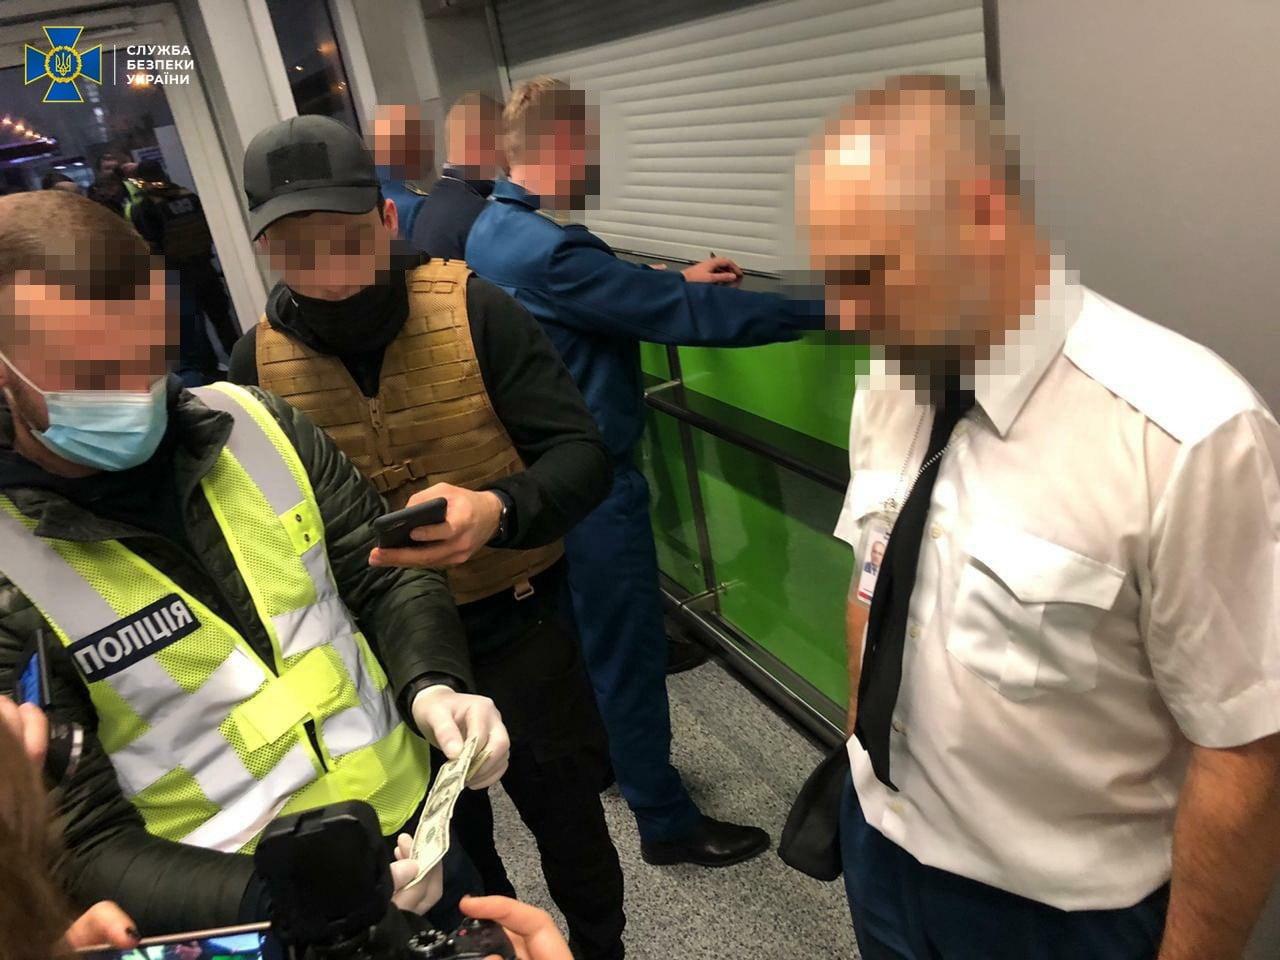 В аеропорту «Бориспіль» спіймали хабарників - кримінальне правопорушення, Бориспіль, аеропорт «Бориспіль» - BORYSPIL1